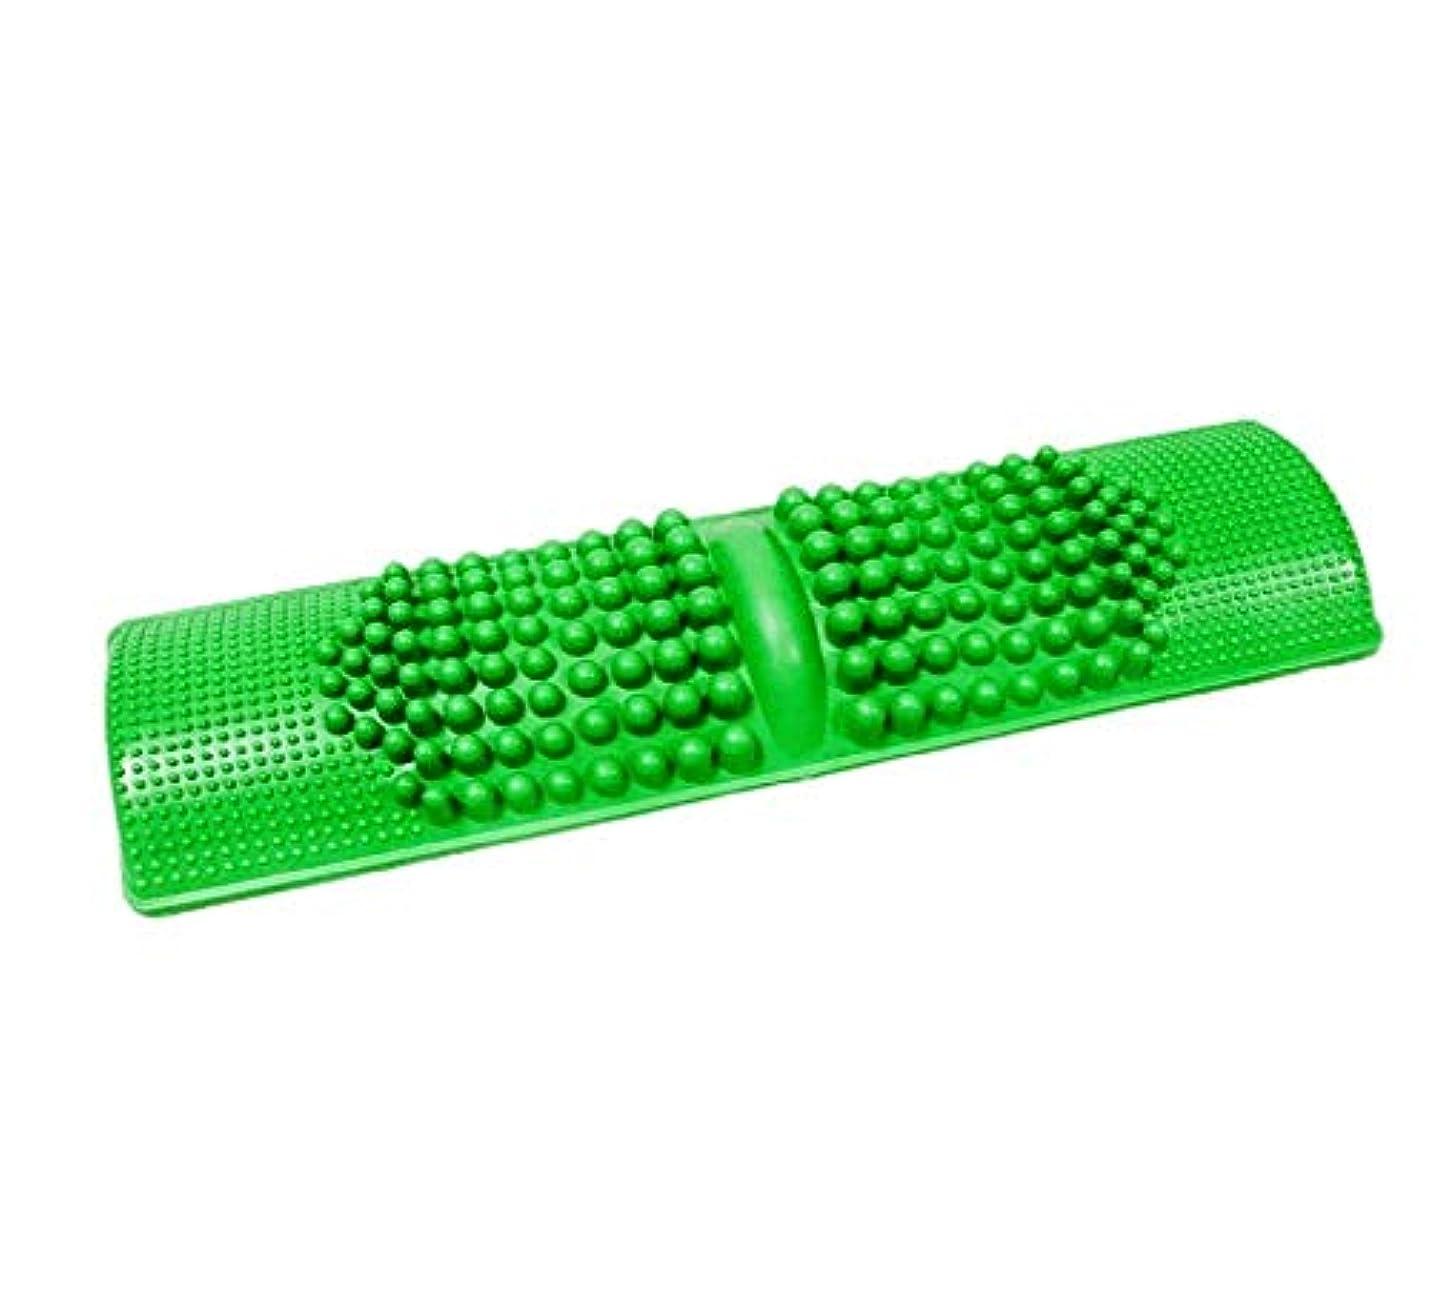 放映三角形別れる簡単に健康維持 BIGサイズ 足つぼマッサージ 足 踏み 足裏 刺激 血行促進 (グリーン)